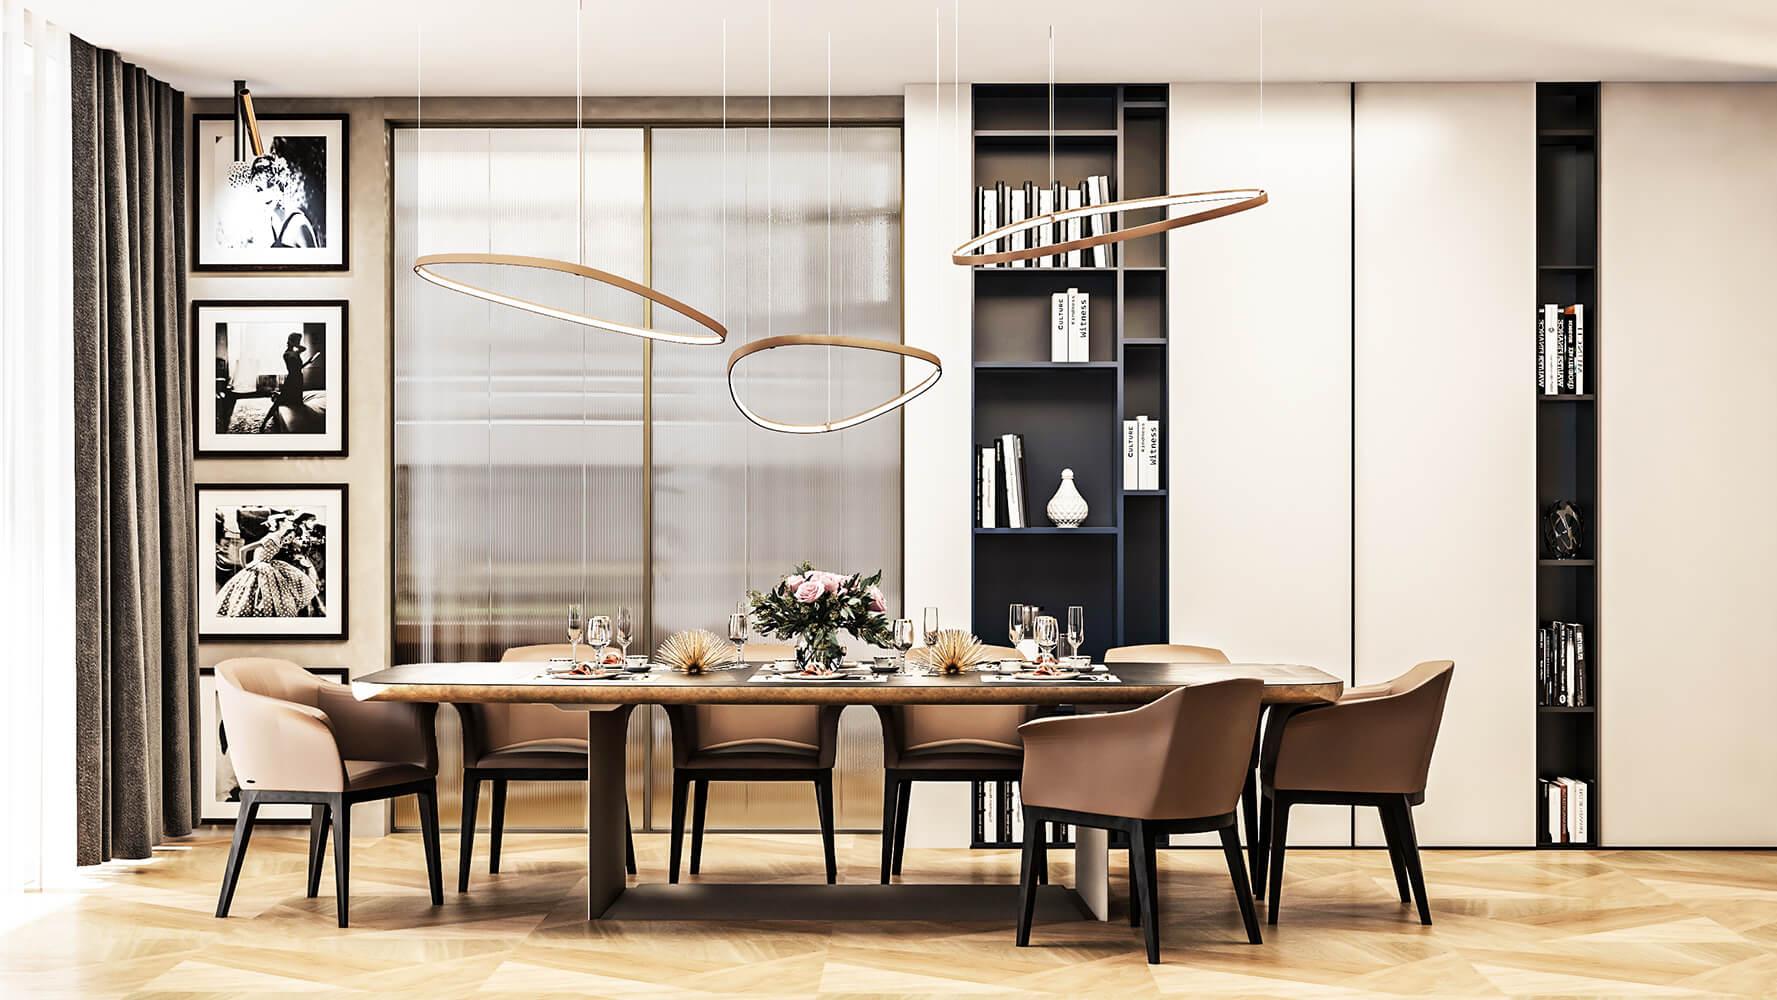 interioren-dizain-proekt-na-luksozna-kashta-trapezaria